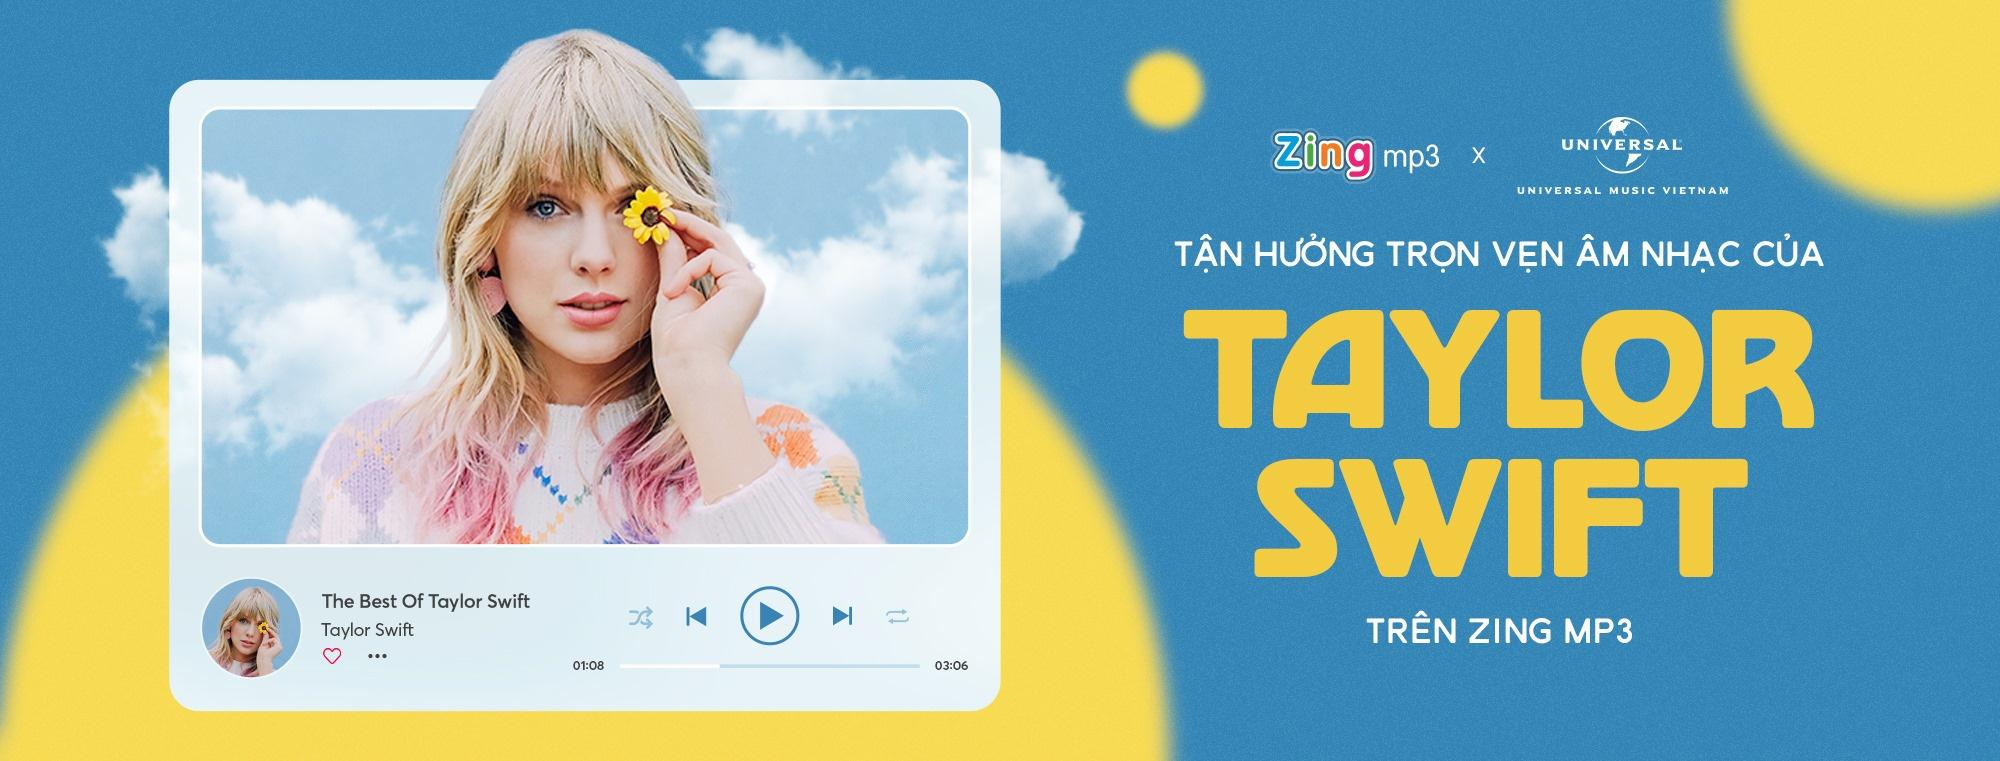 10 bản hit có tầm ảnh hưởng của Taylor Swift Ảnh 11